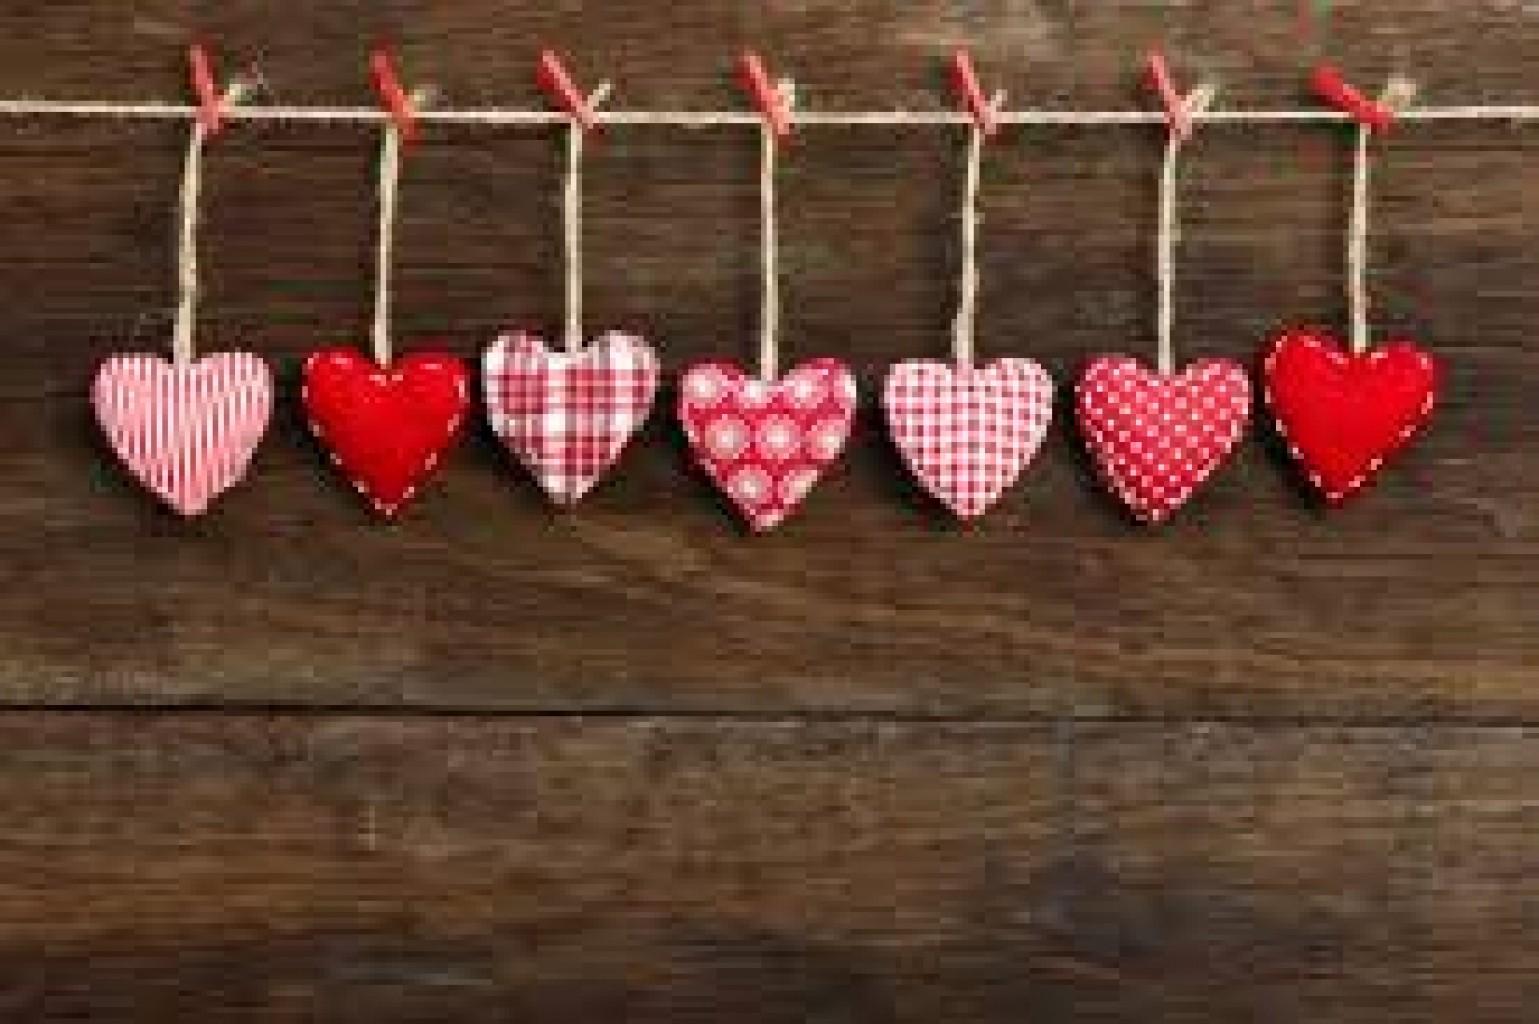 La historia de San Valentín que dio origen al festejo del Día de los Enamorados